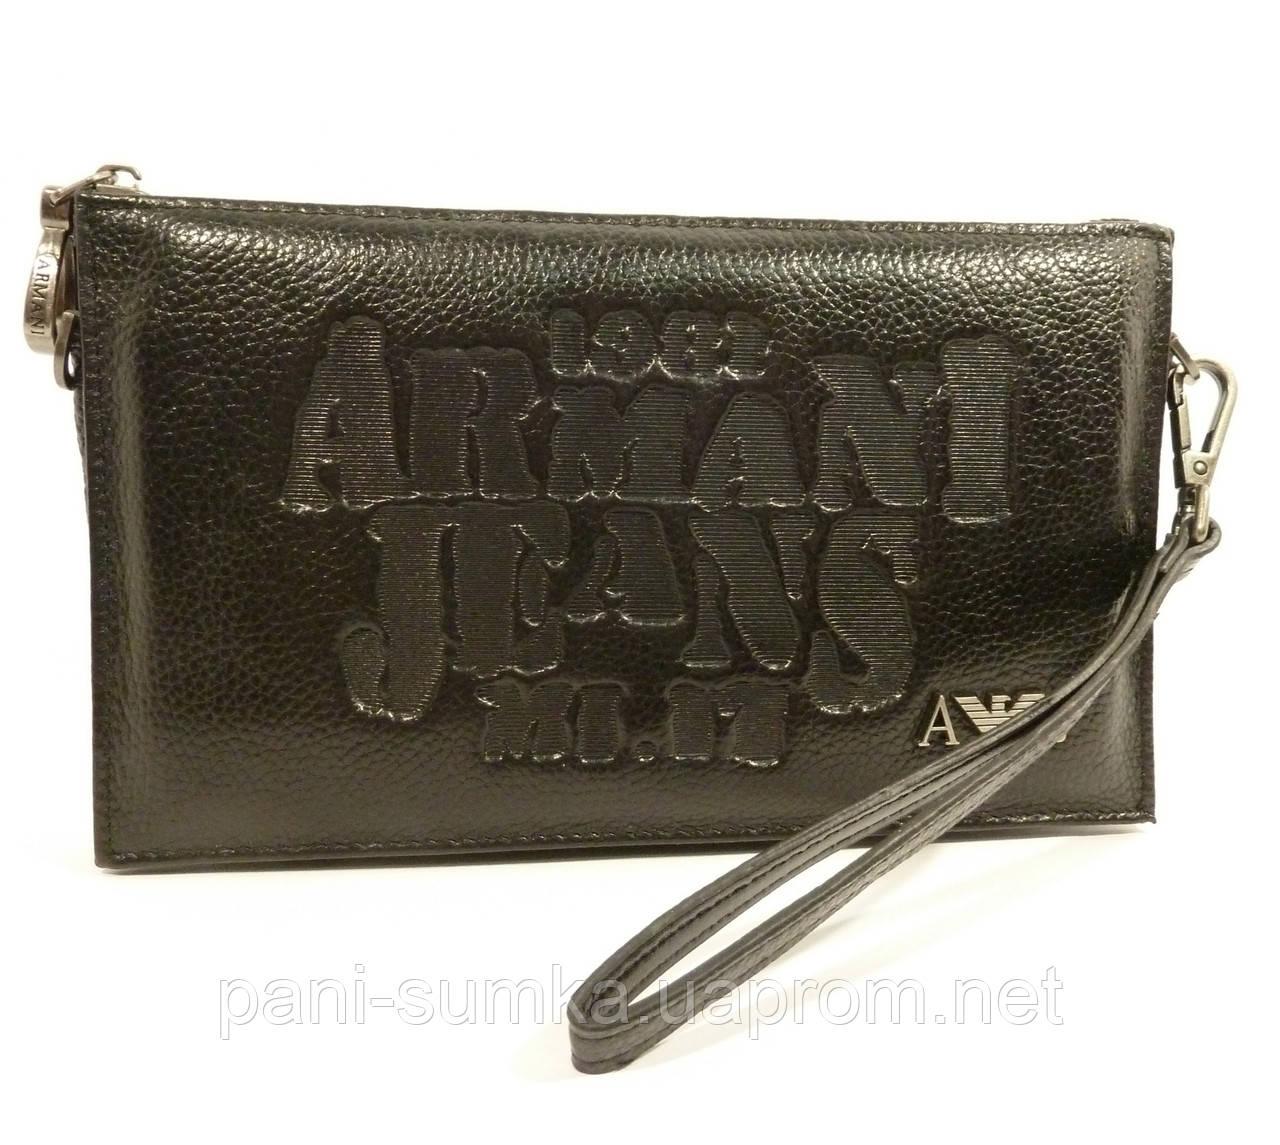 ee99abae2f12 Клатч мужской кожаный Armani Jeans 921-1 черный, сумка мужская - Интернет  магазин